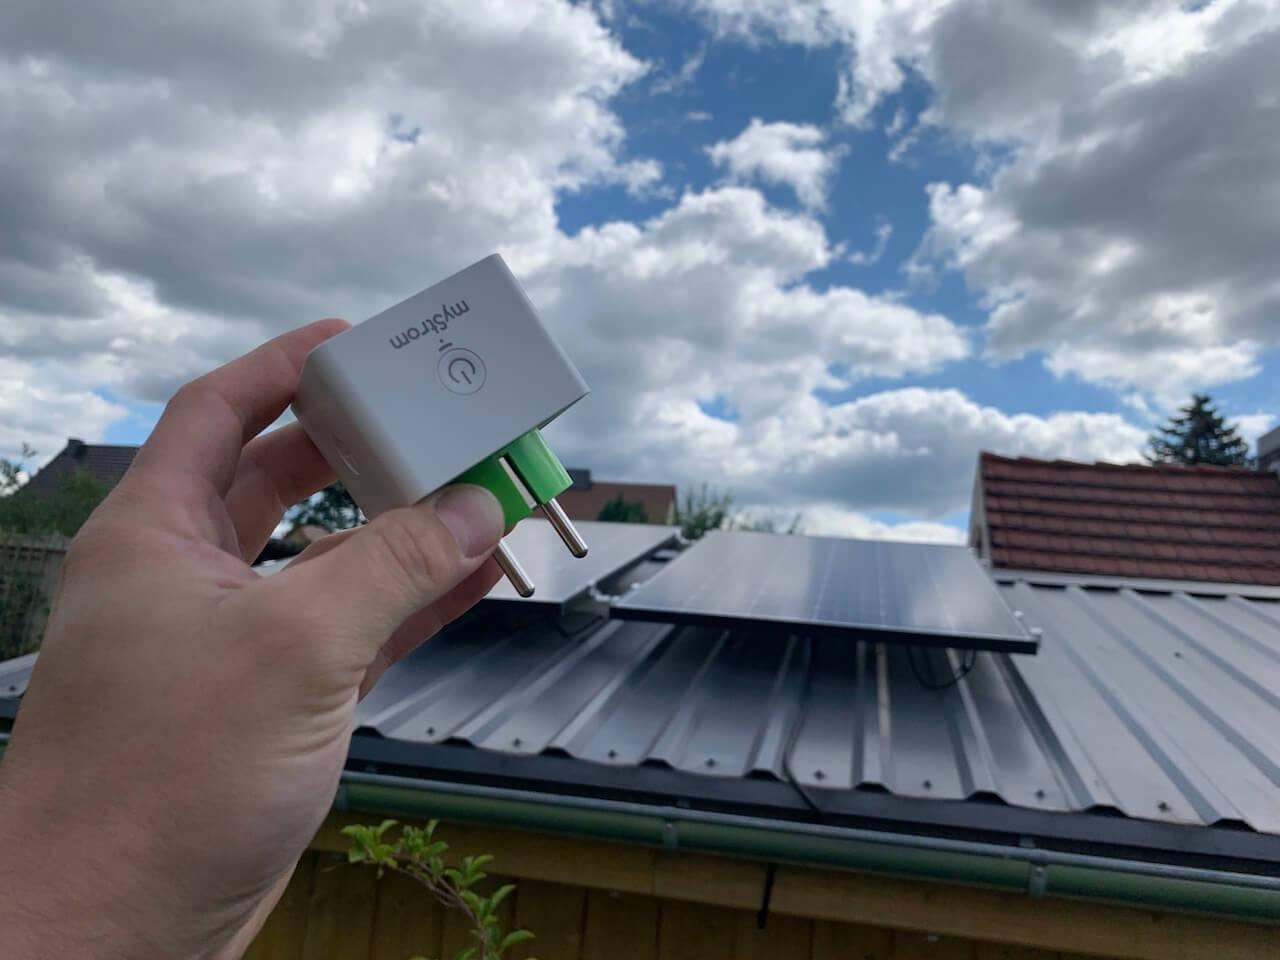 Leistung der Mini-PV Anlage messen: Diese Steckdosen gehen! | SmartHome Blog